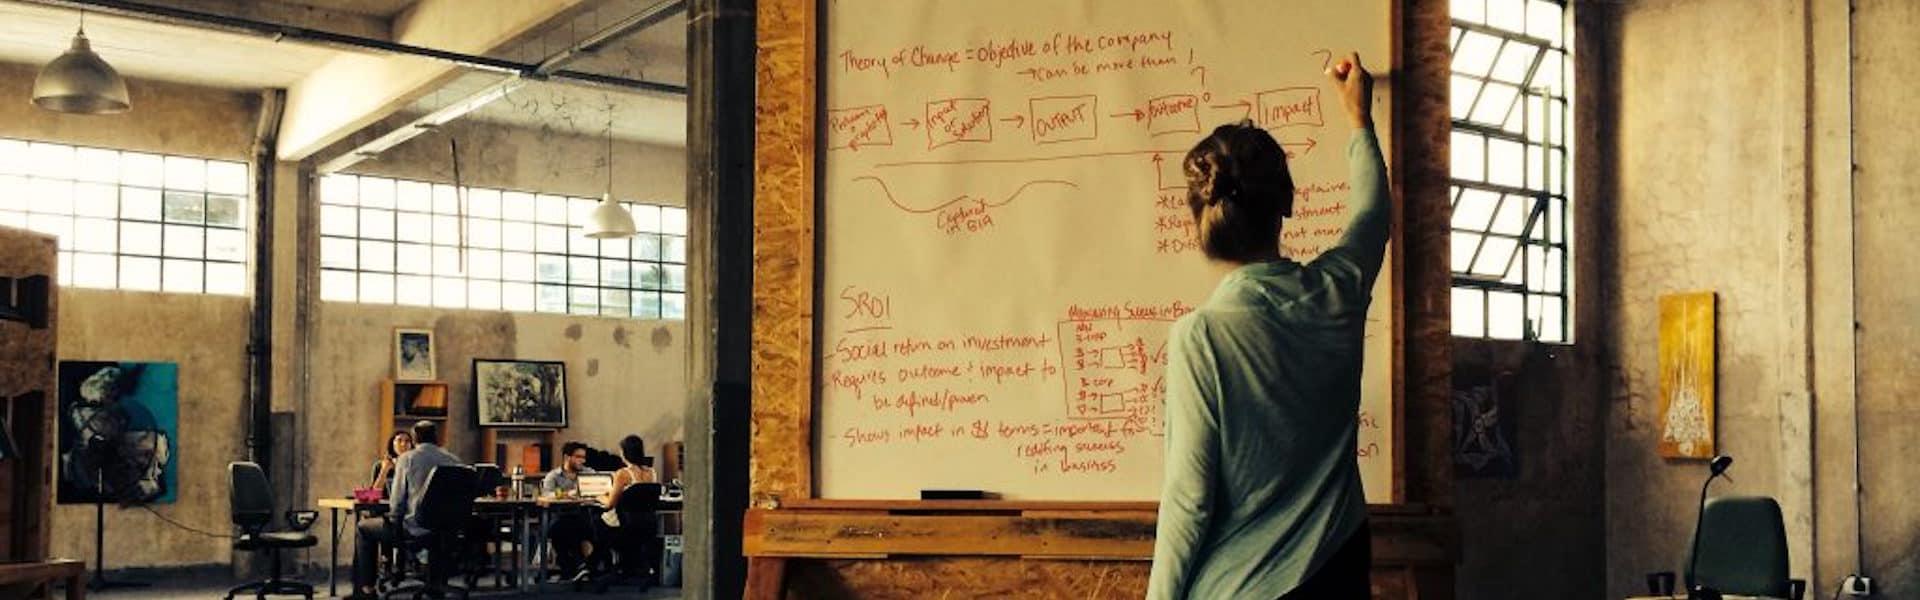 MovingWorld's Next Move In Social Enterprise 'Experteering', on NextBillion.net.